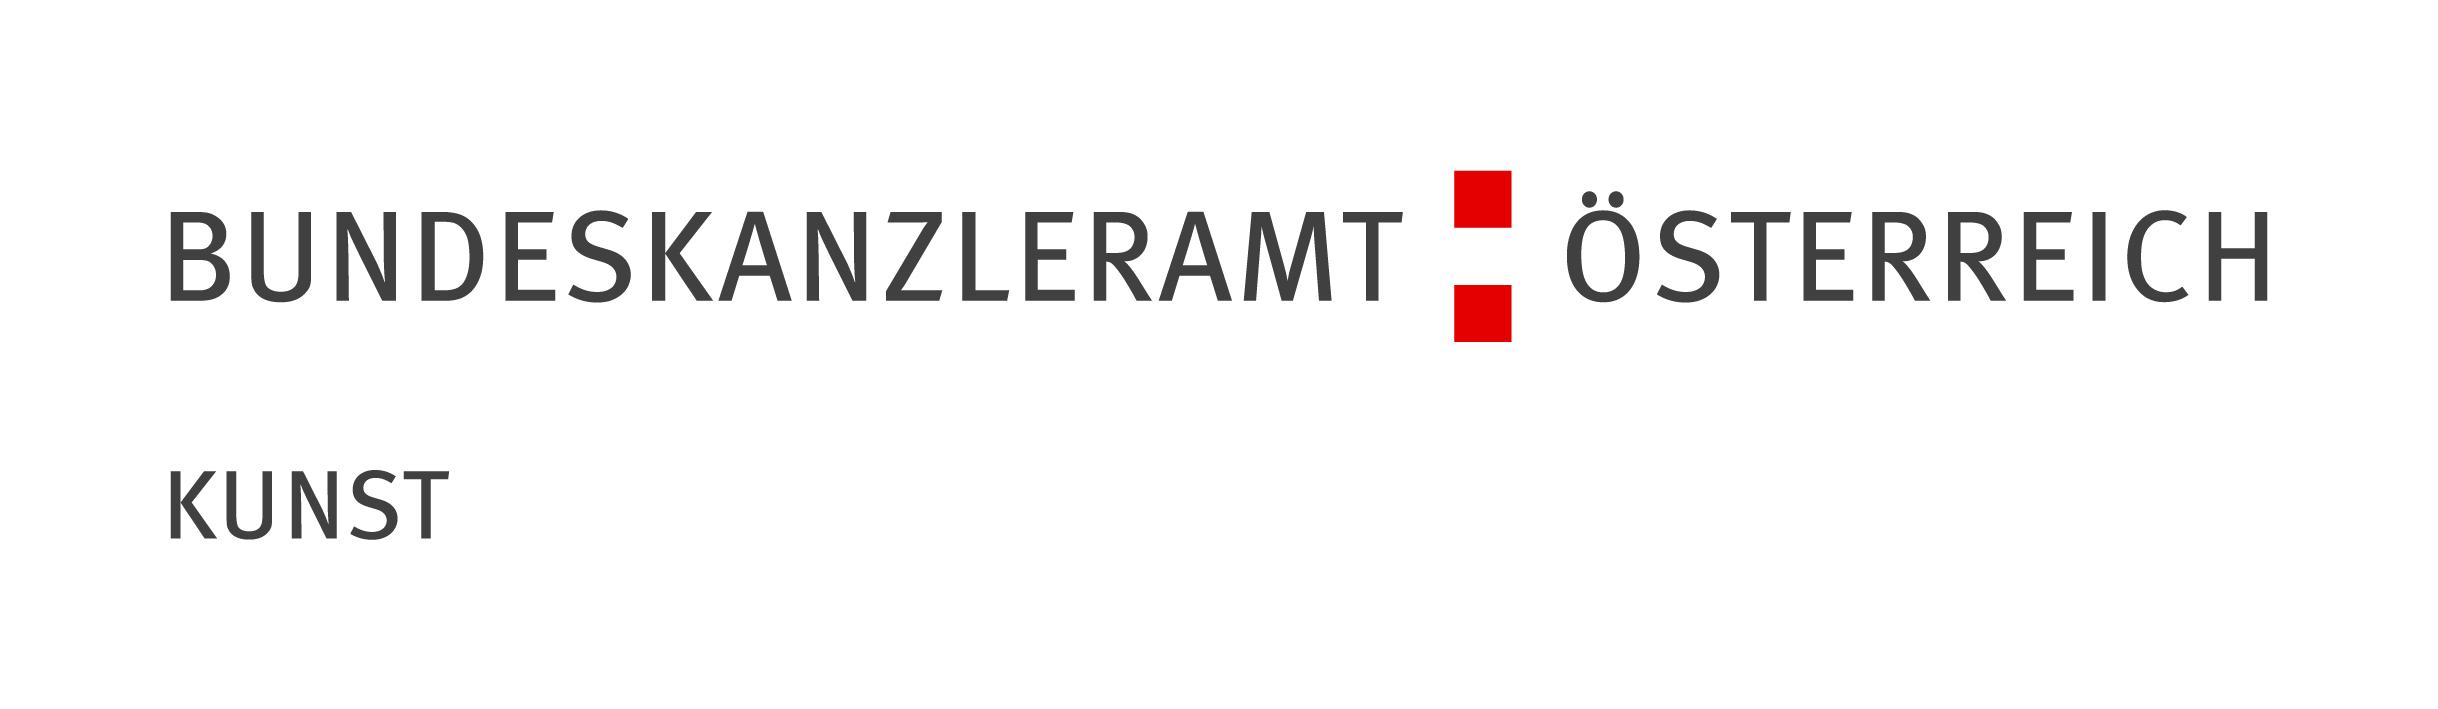 Bundeskanzleramt Kultur und Kunst